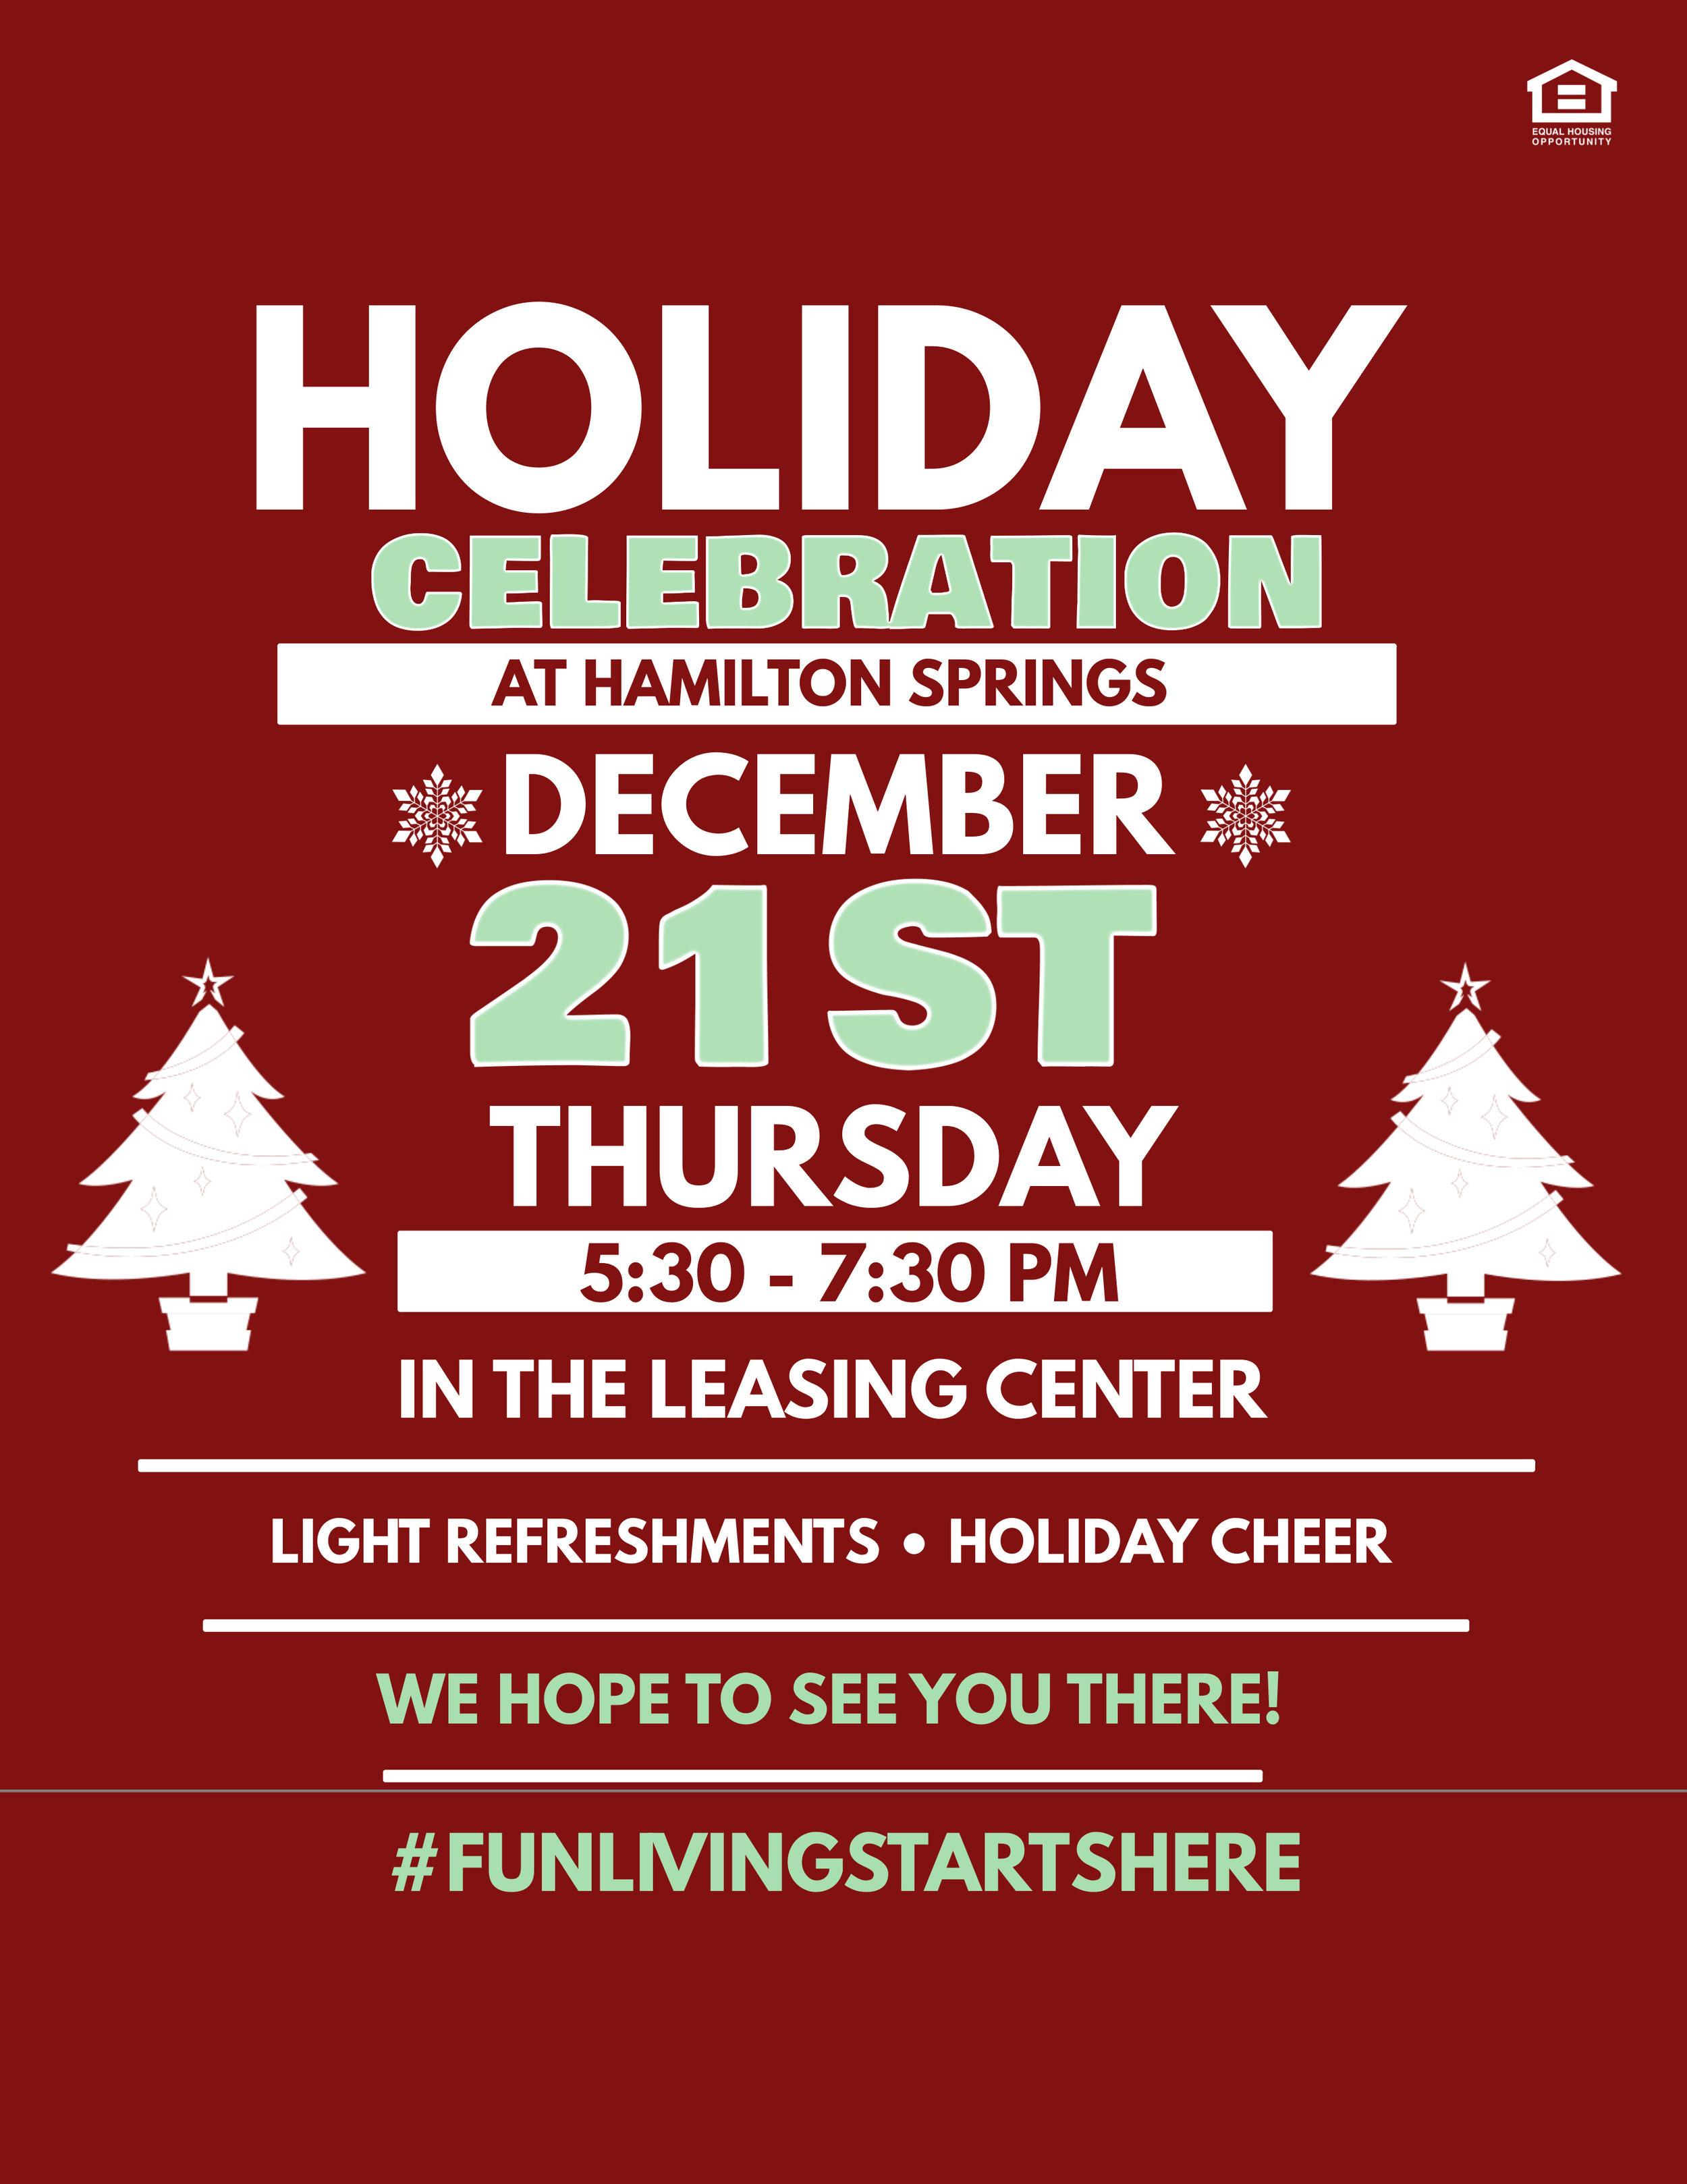 Hamilton Springs Apartments Holiday Celebration